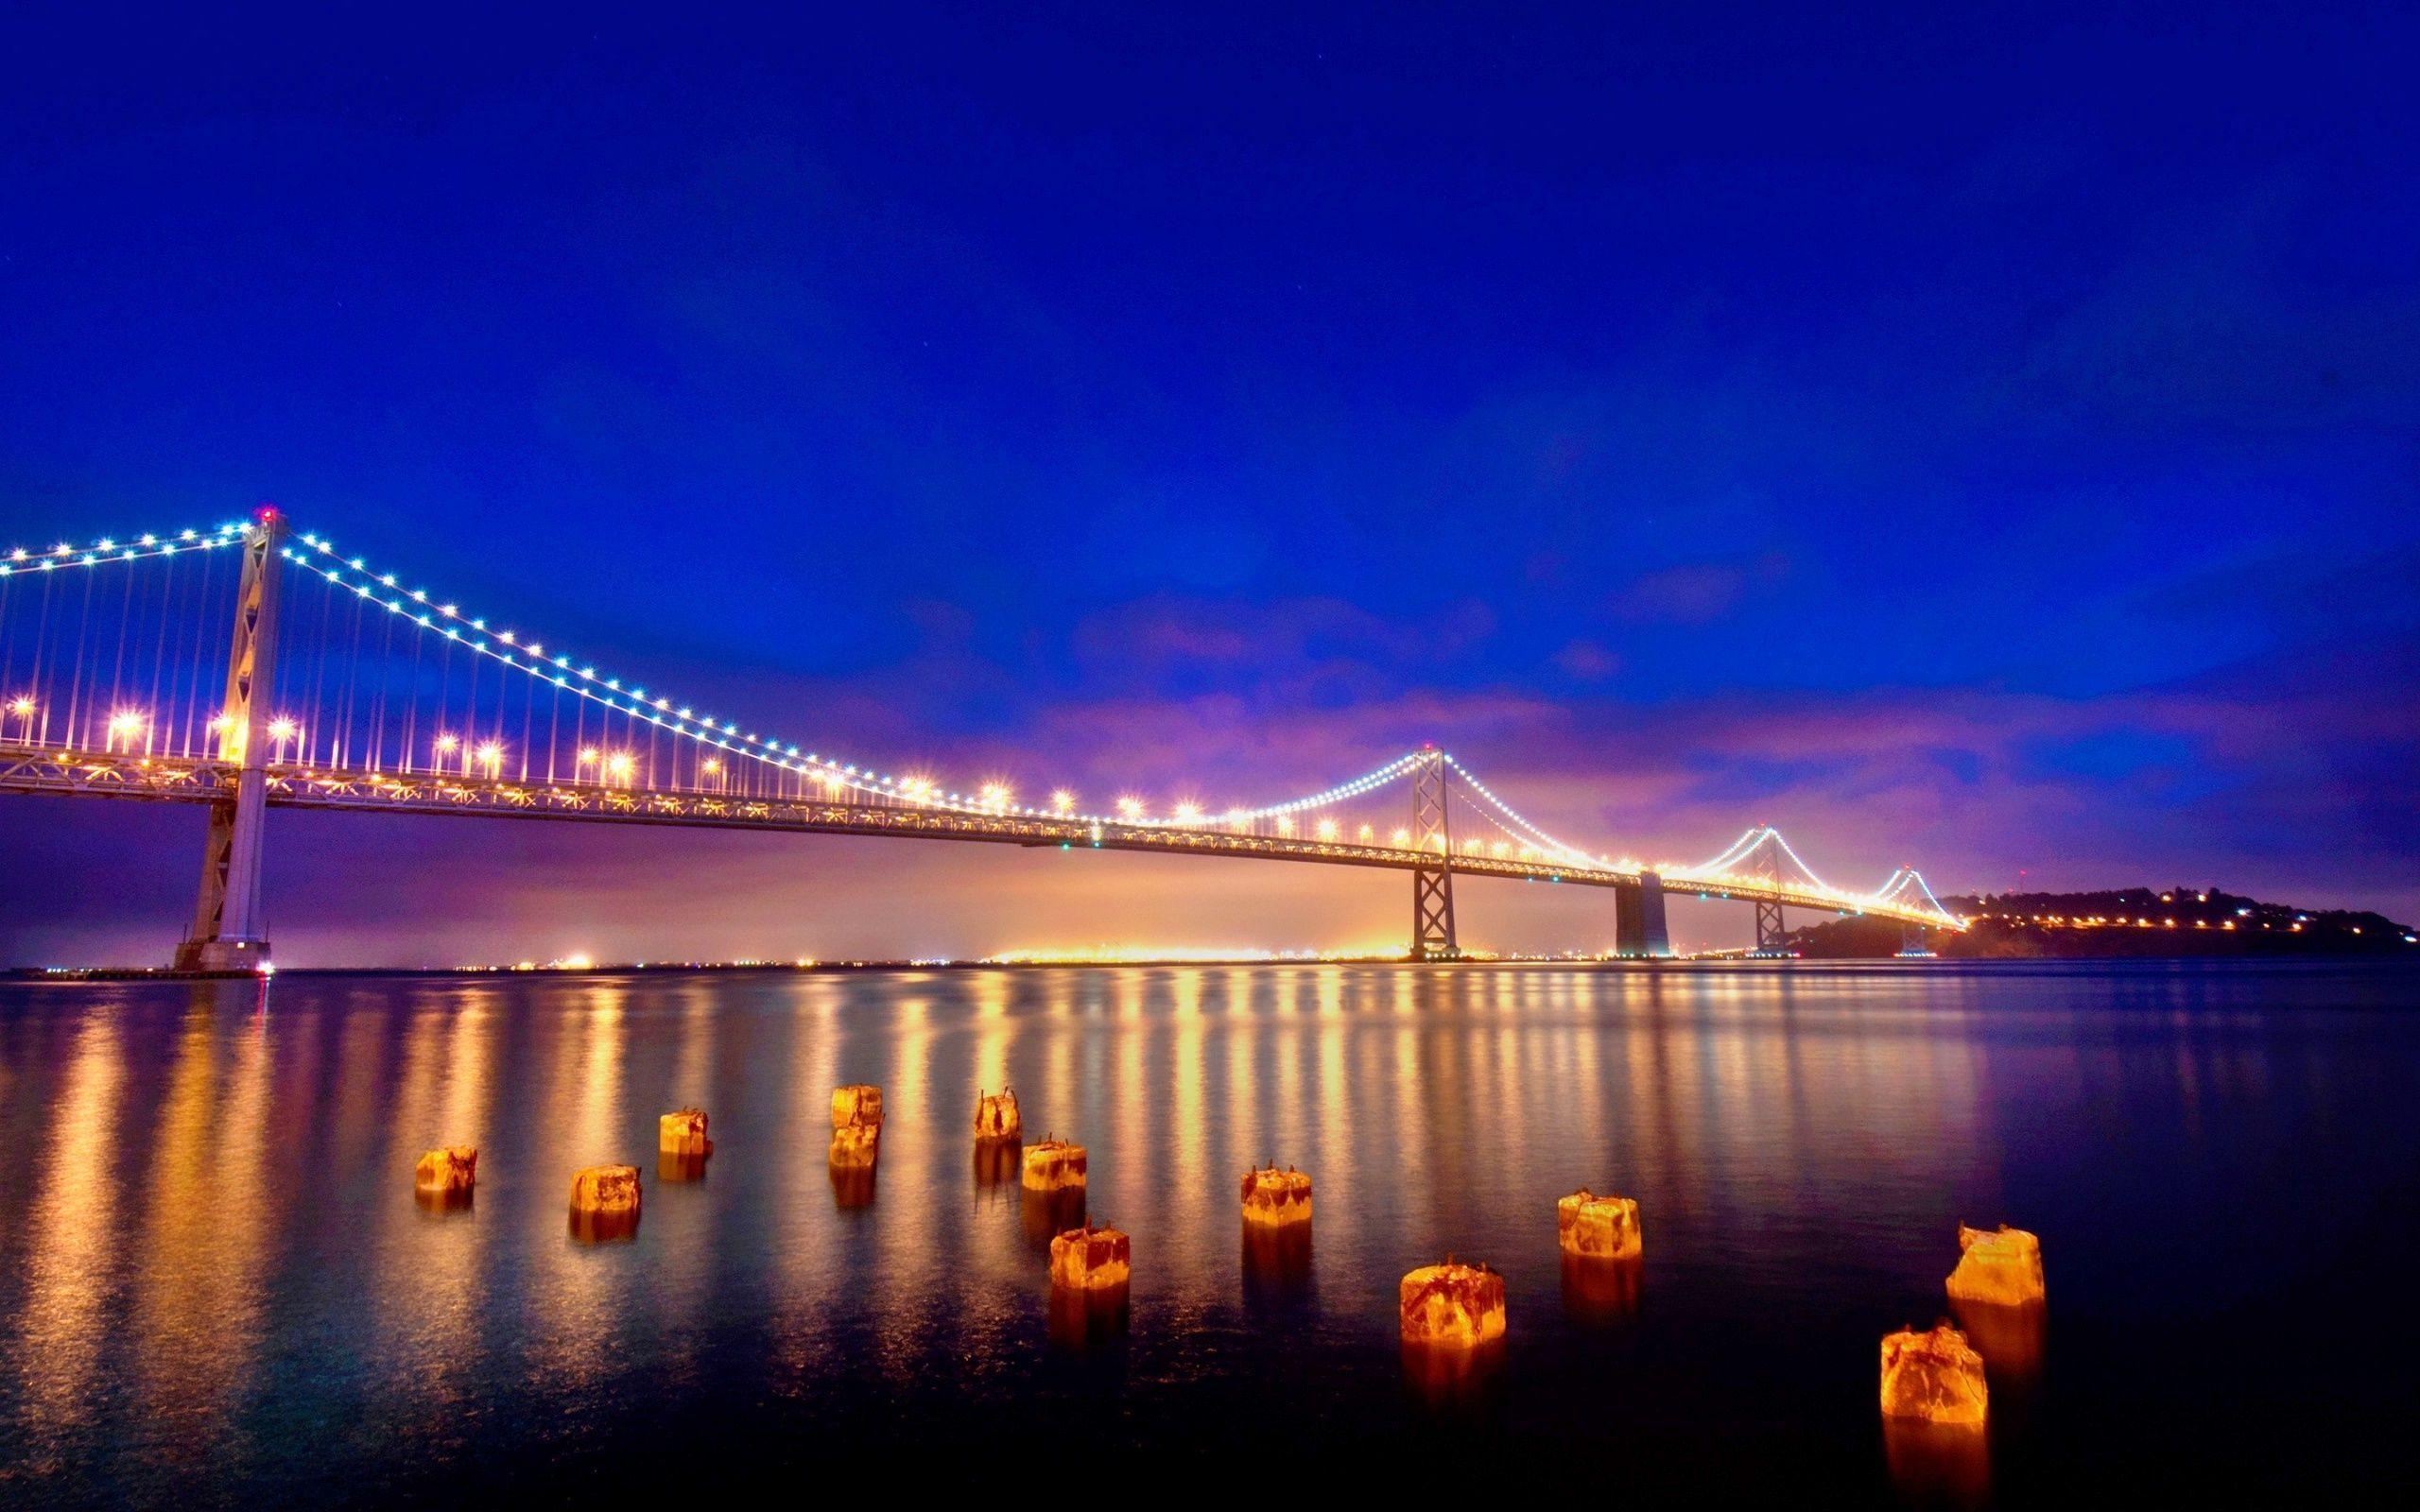 Golden Gate Bridge Wallpaper High Resolution - www.